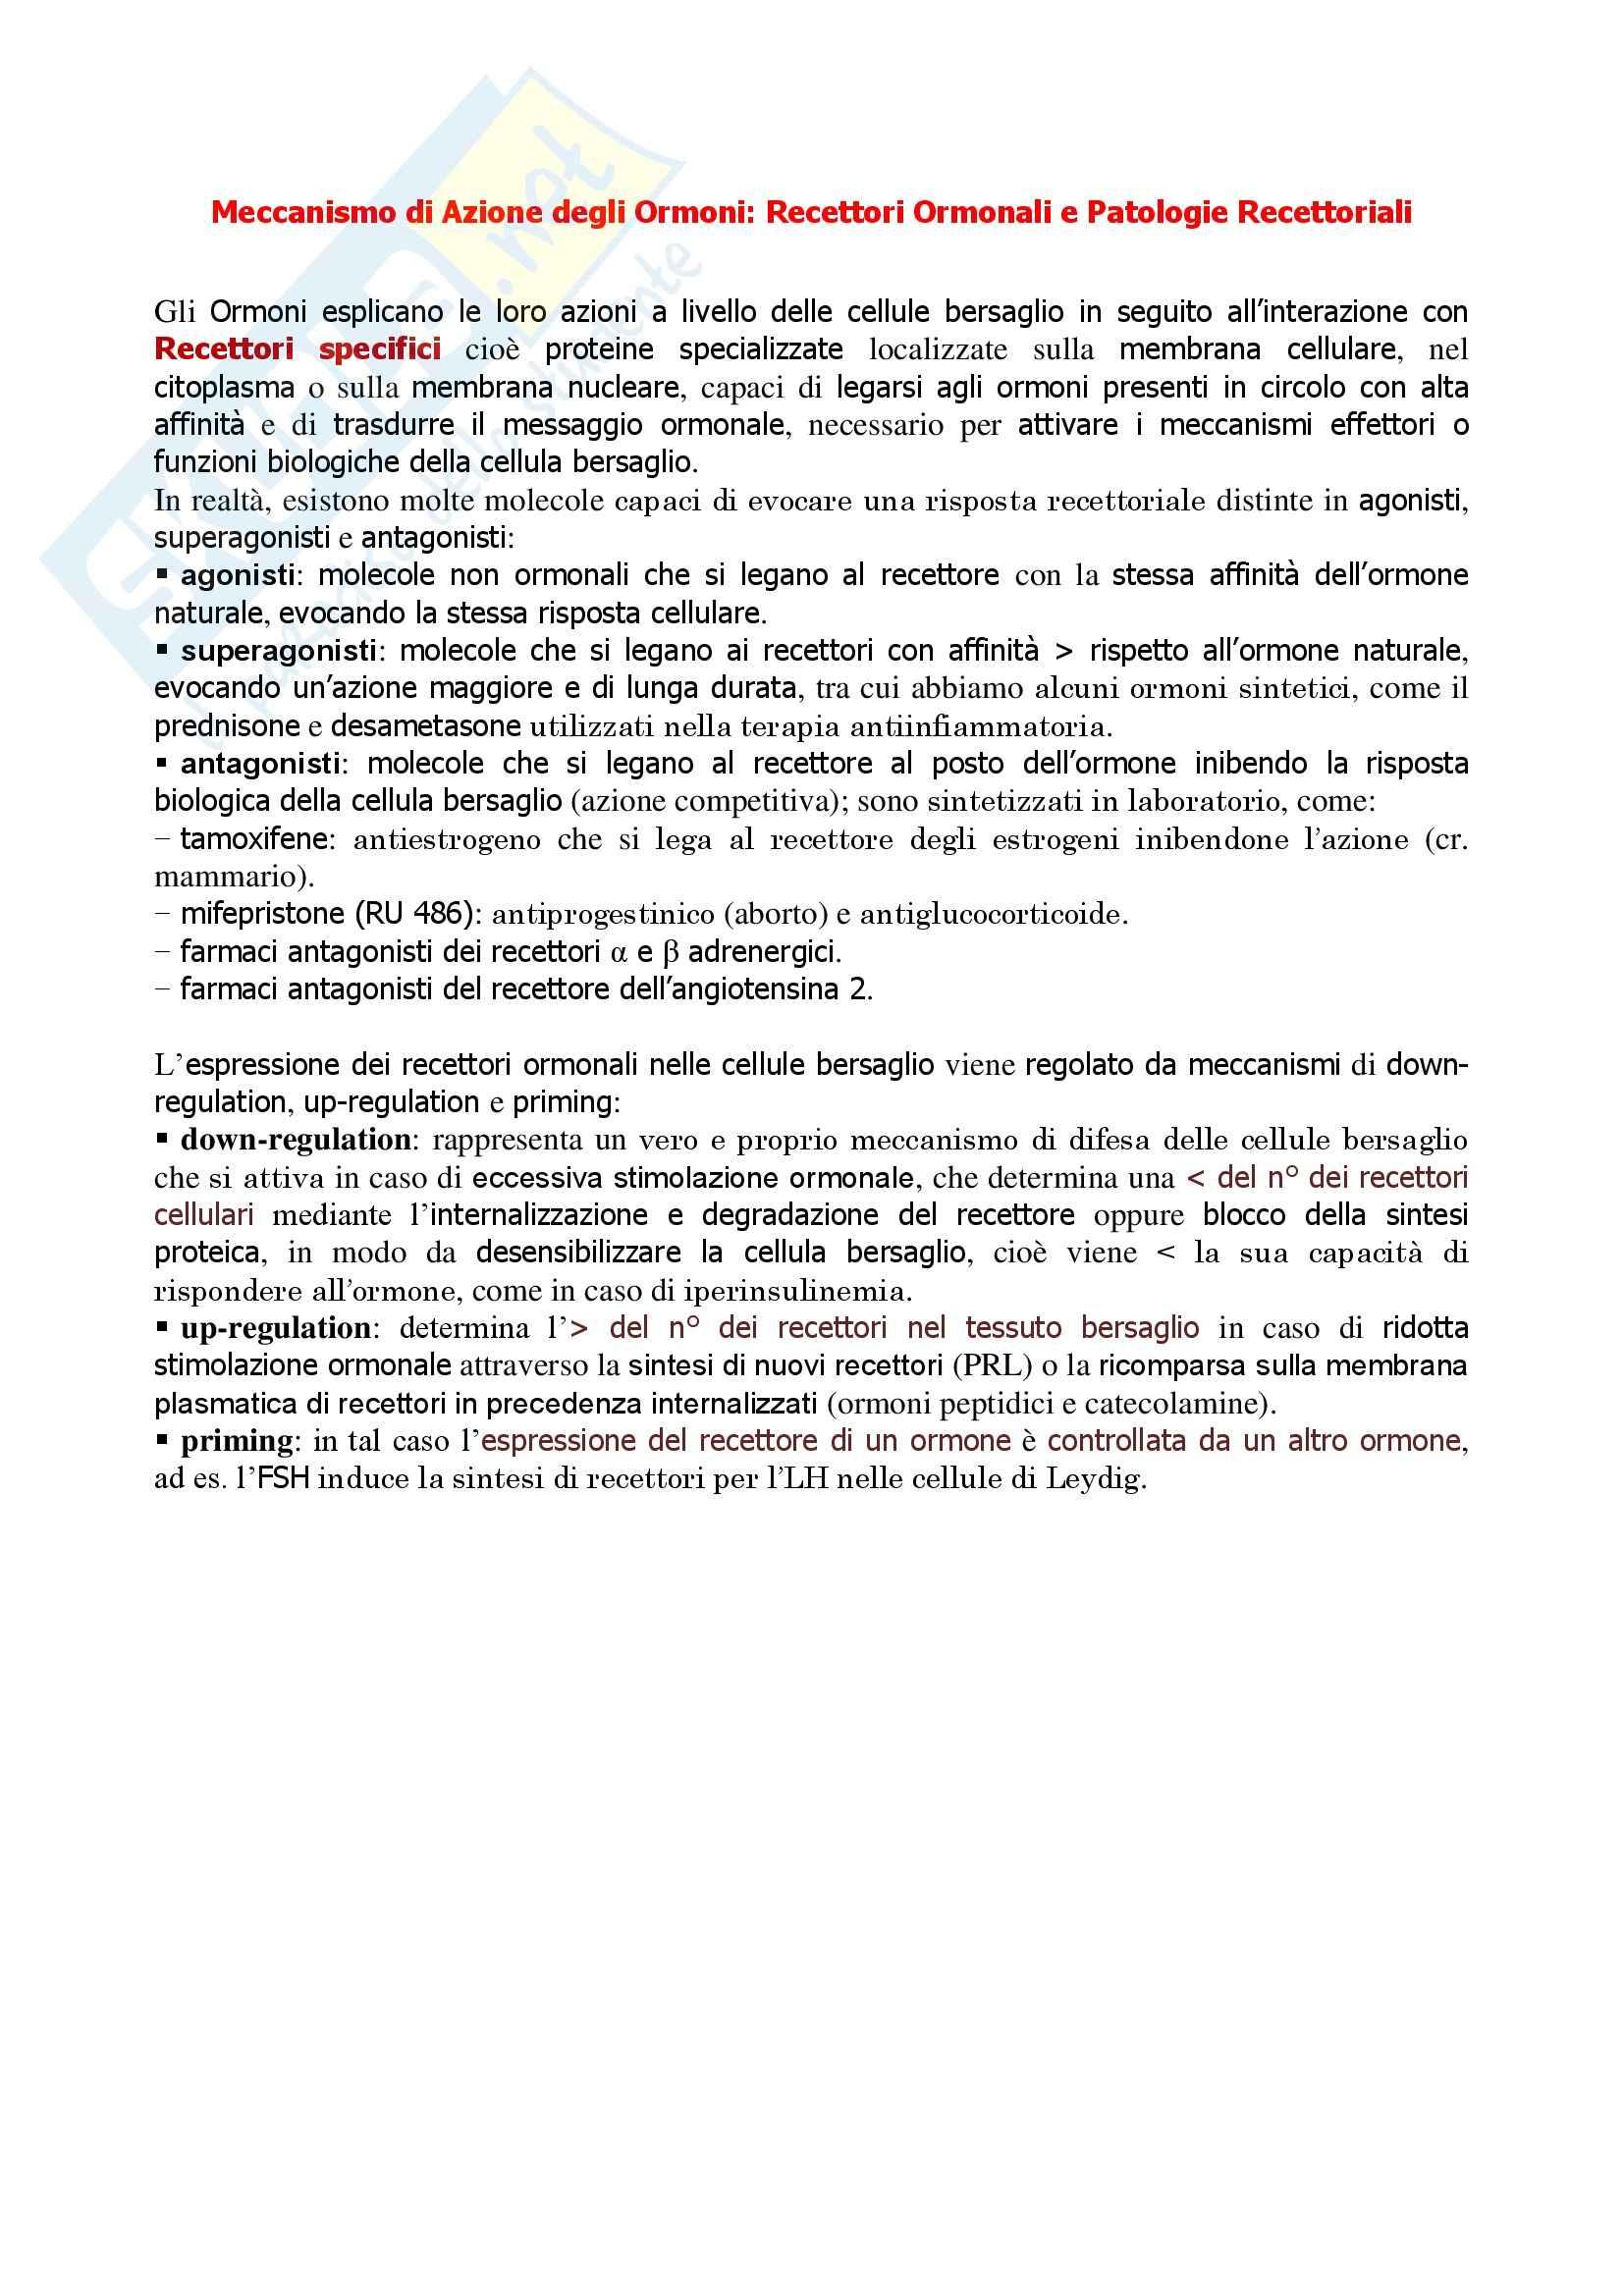 Endocrinologia - meccanismo di azione degli ormoni